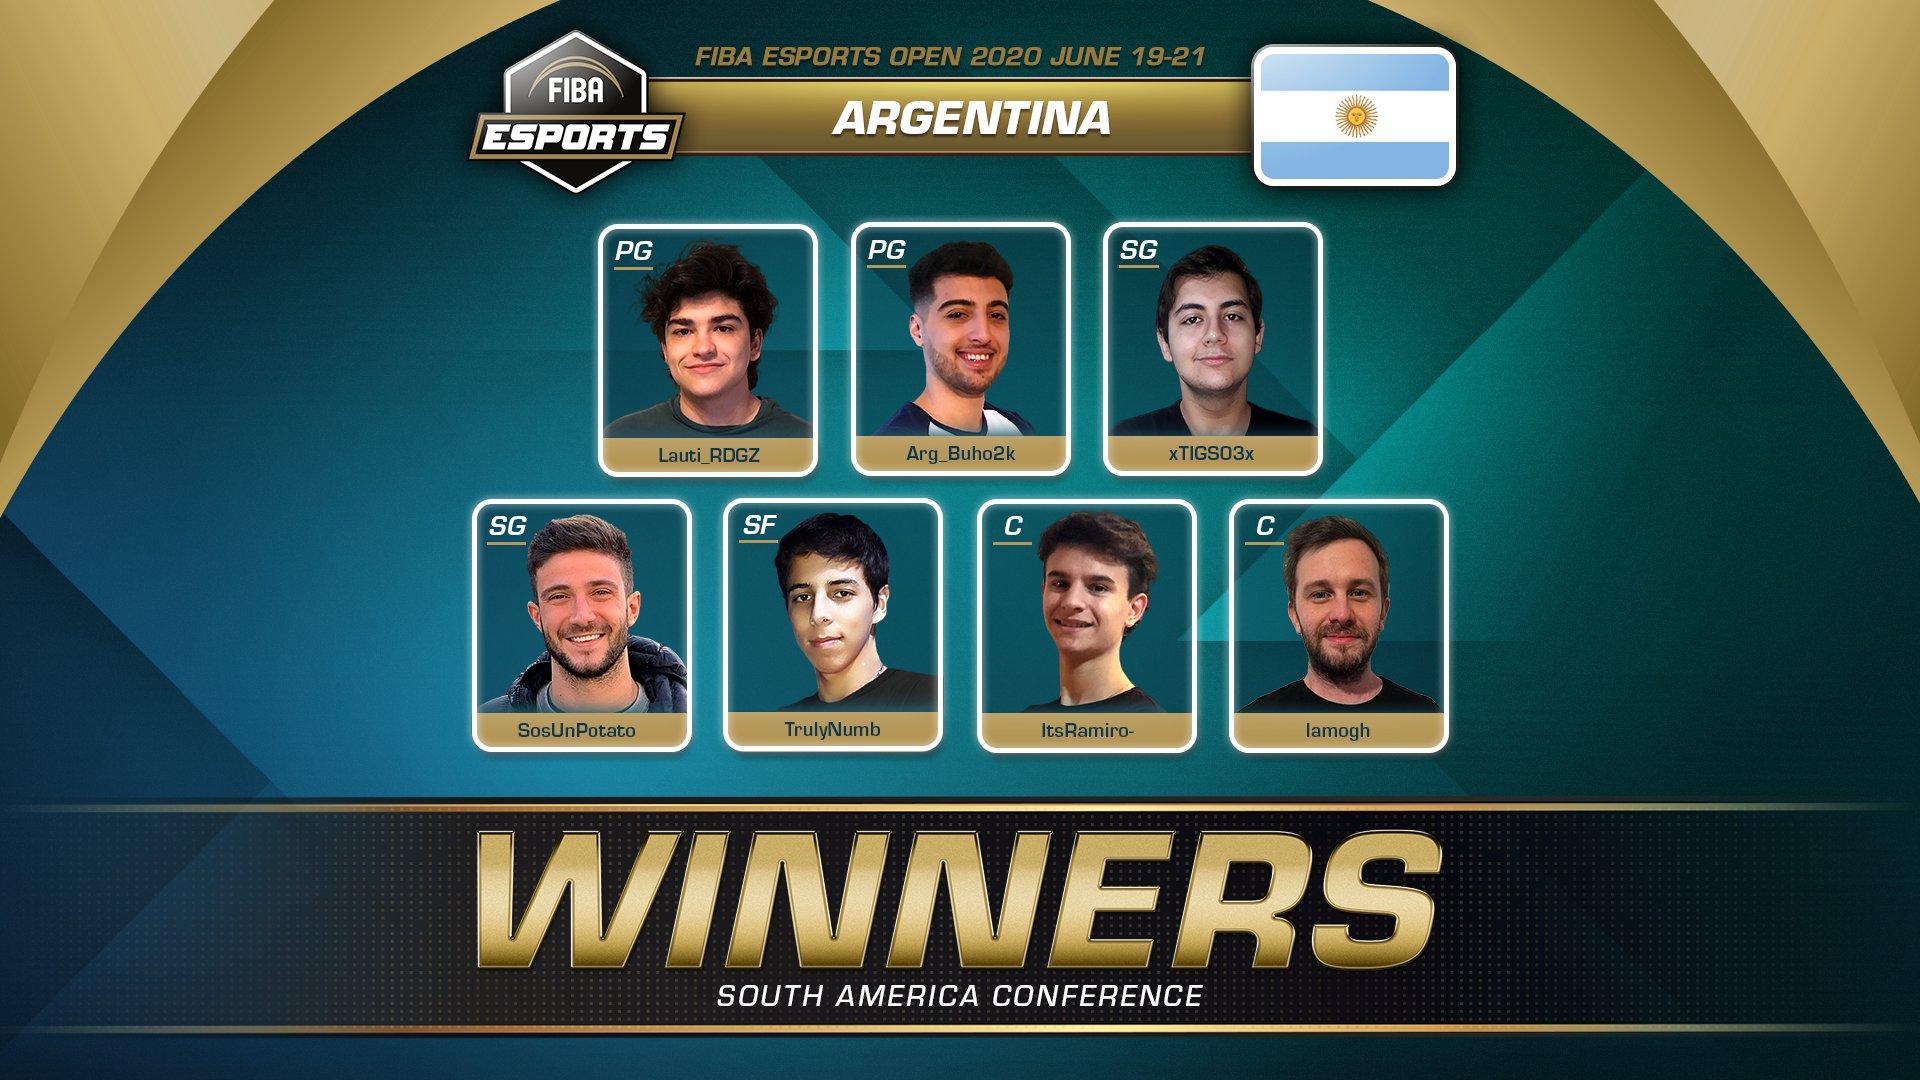 Argentina superó a Brasil en el FIBA Esports Open